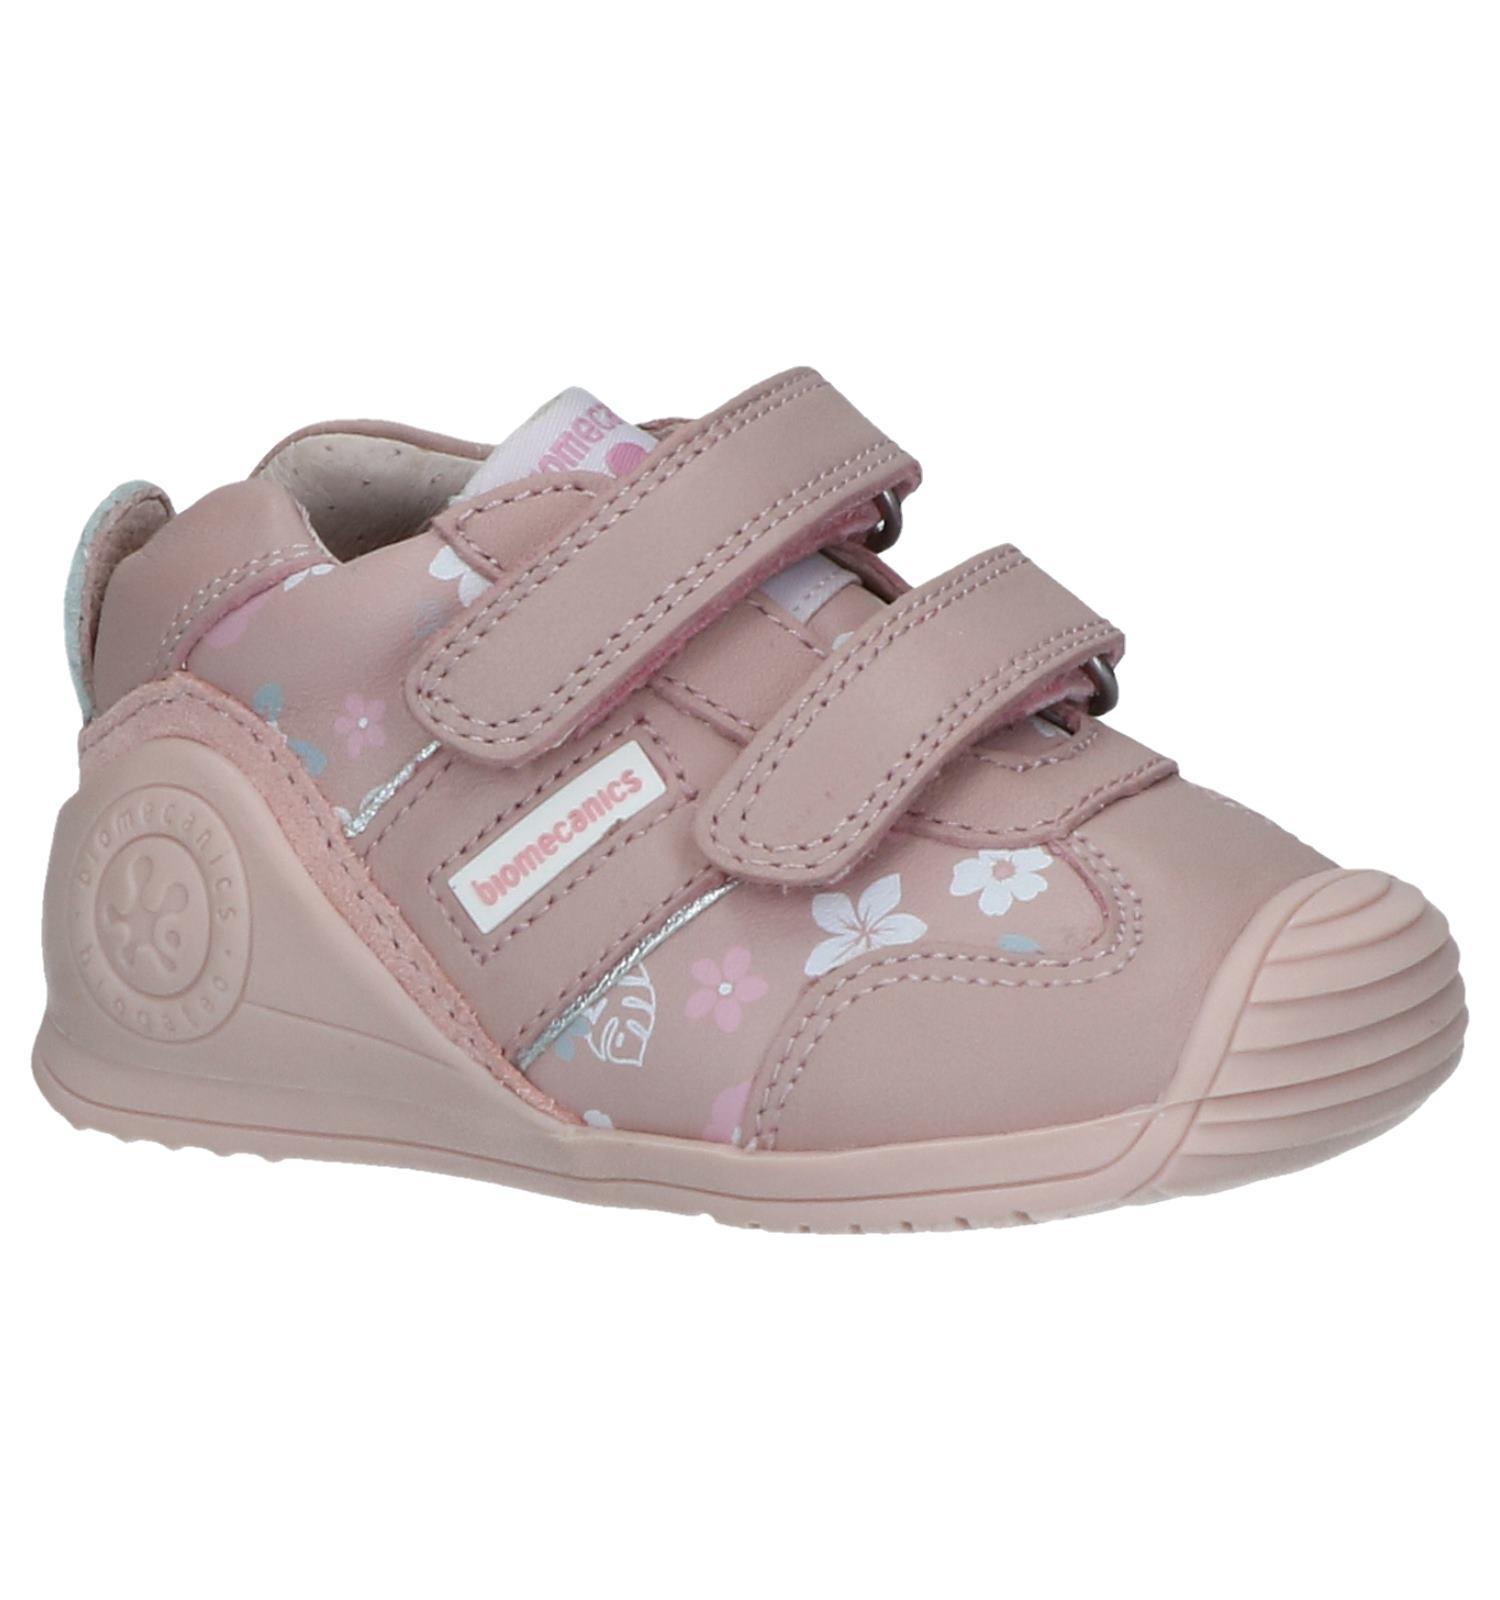 d5e0950cb0aca Biomecanics Chaussures pour bébé (Rose clair)